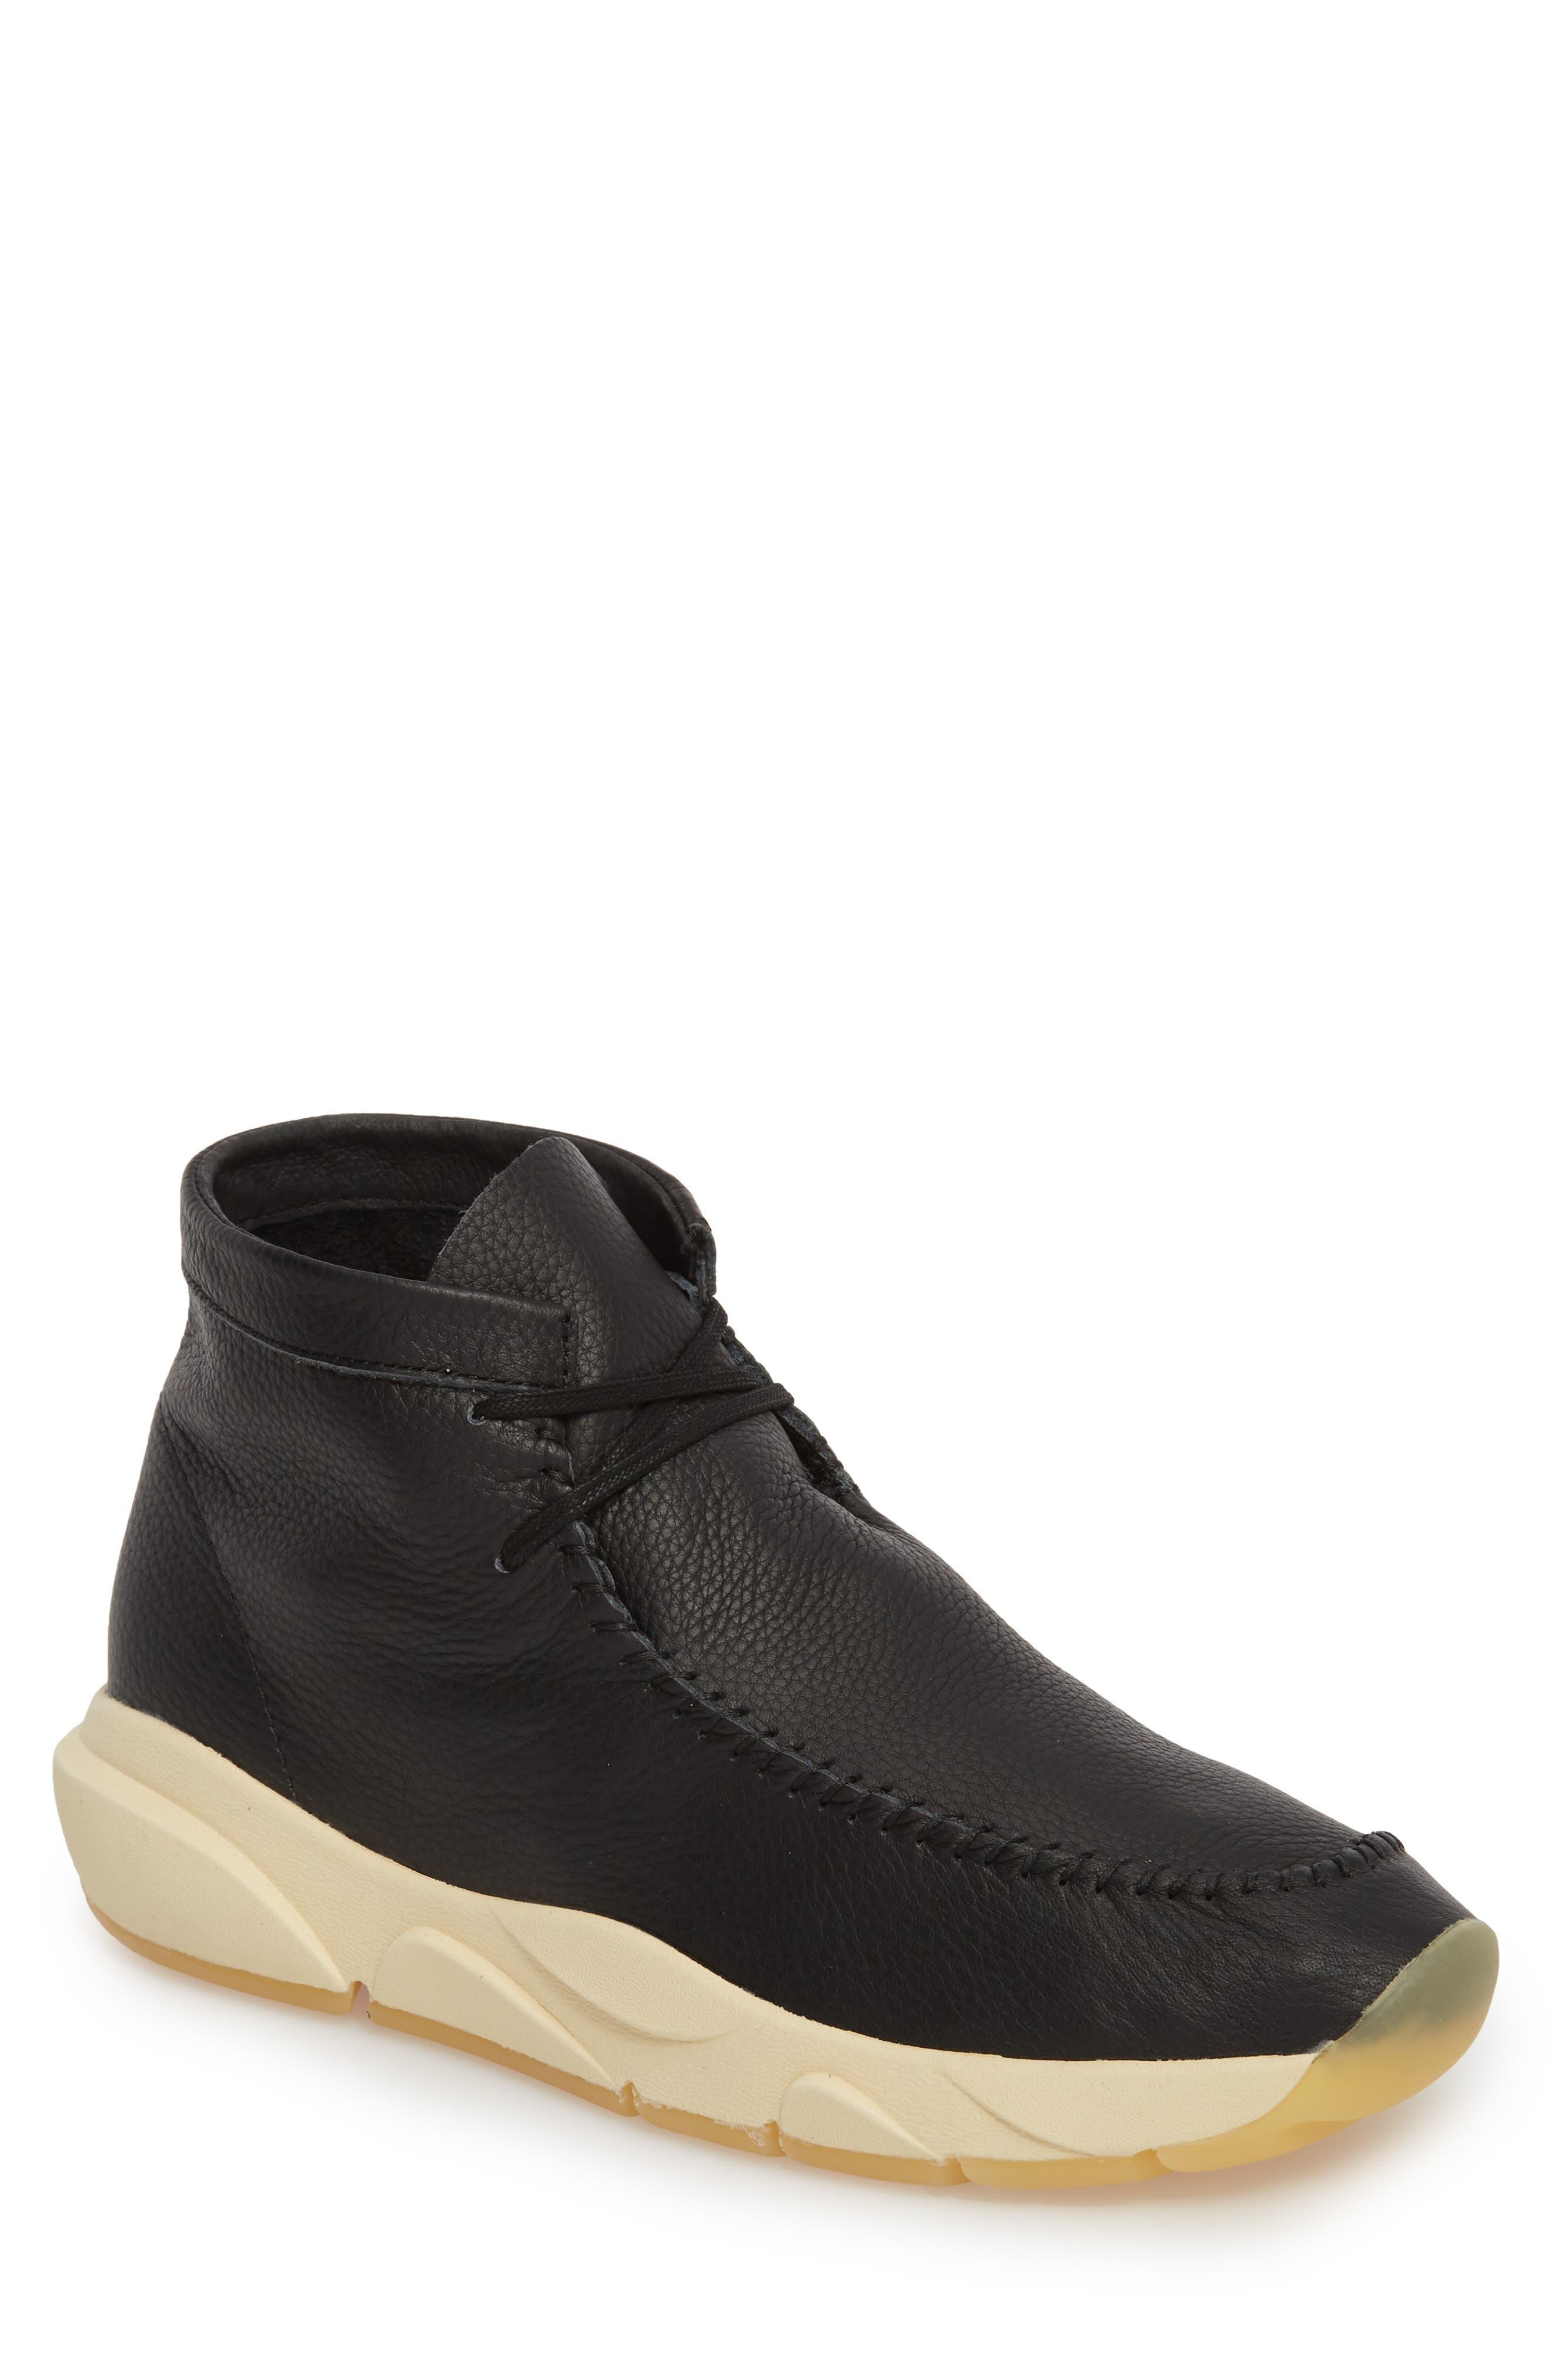 Castas Asymmetrical Chukka Sneaker,                             Main thumbnail 1, color,